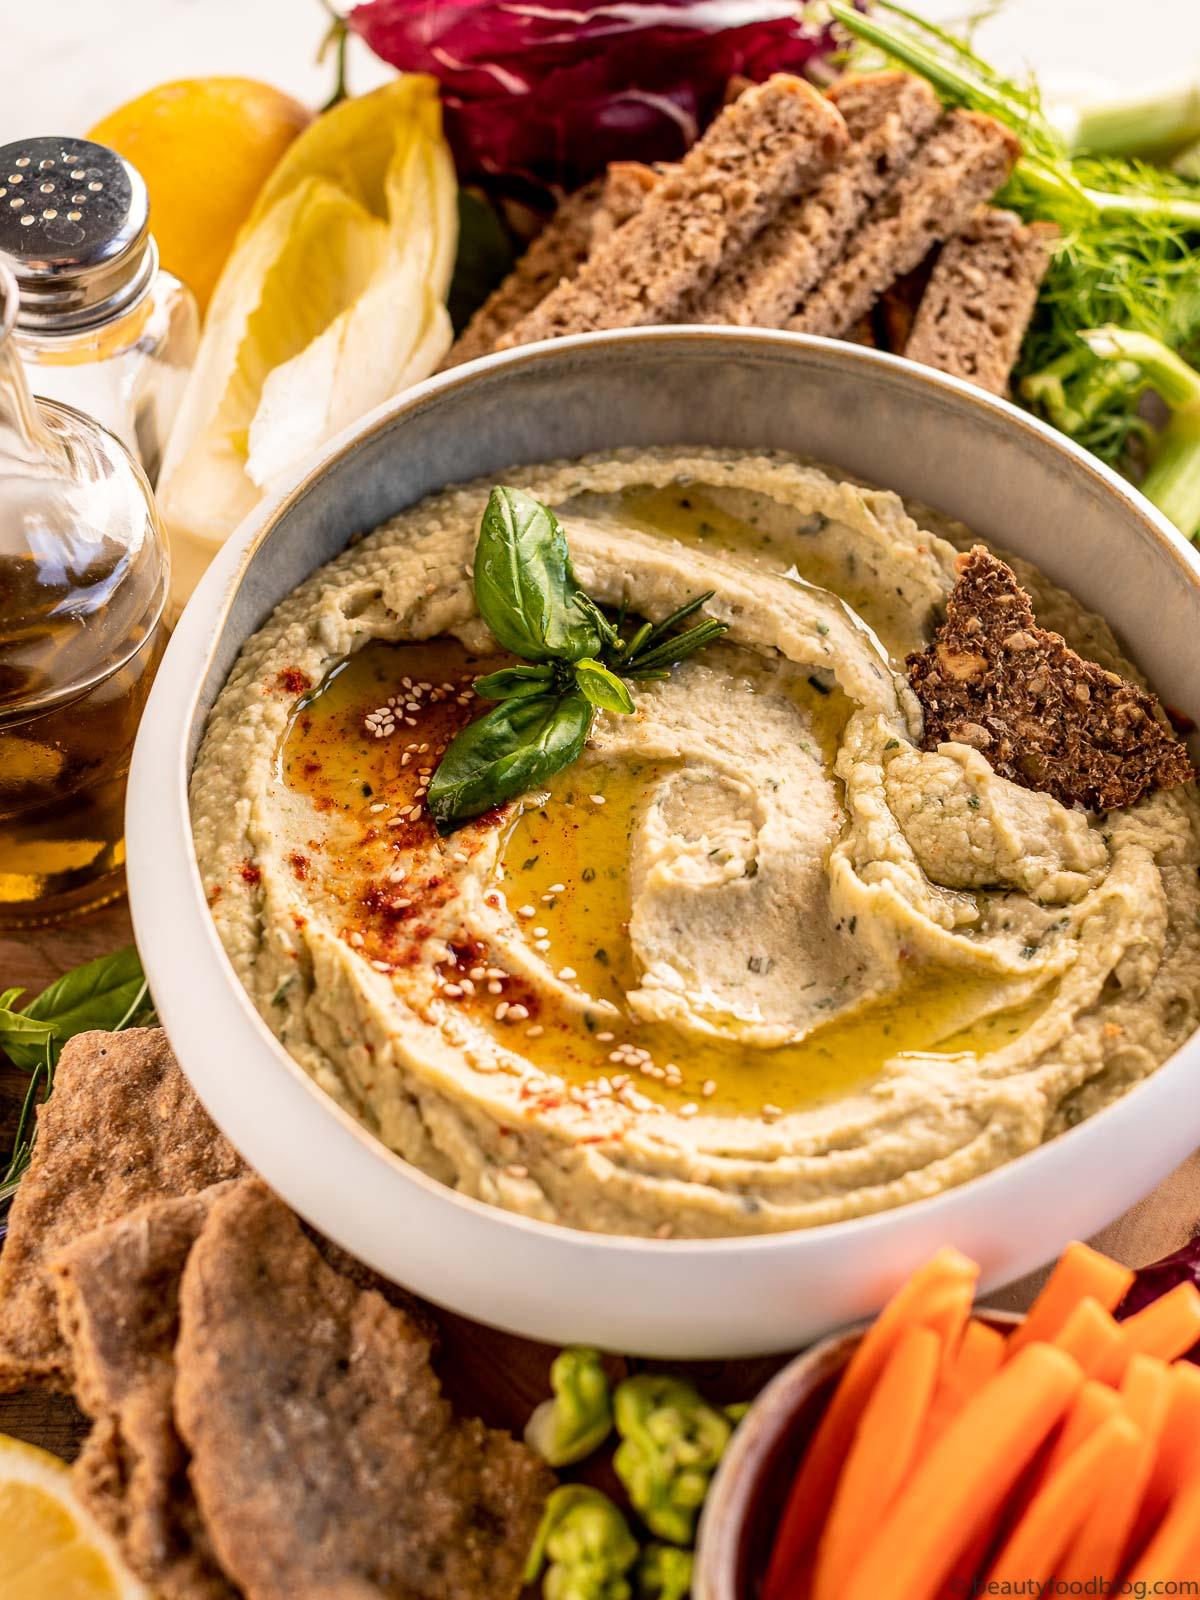 Easy Creamy Roasted Garlic and White Bean Dip with Rosemary platter ricetta Hummus di Fagioli Bianchi e Aglio Arrostito al Rosmarino